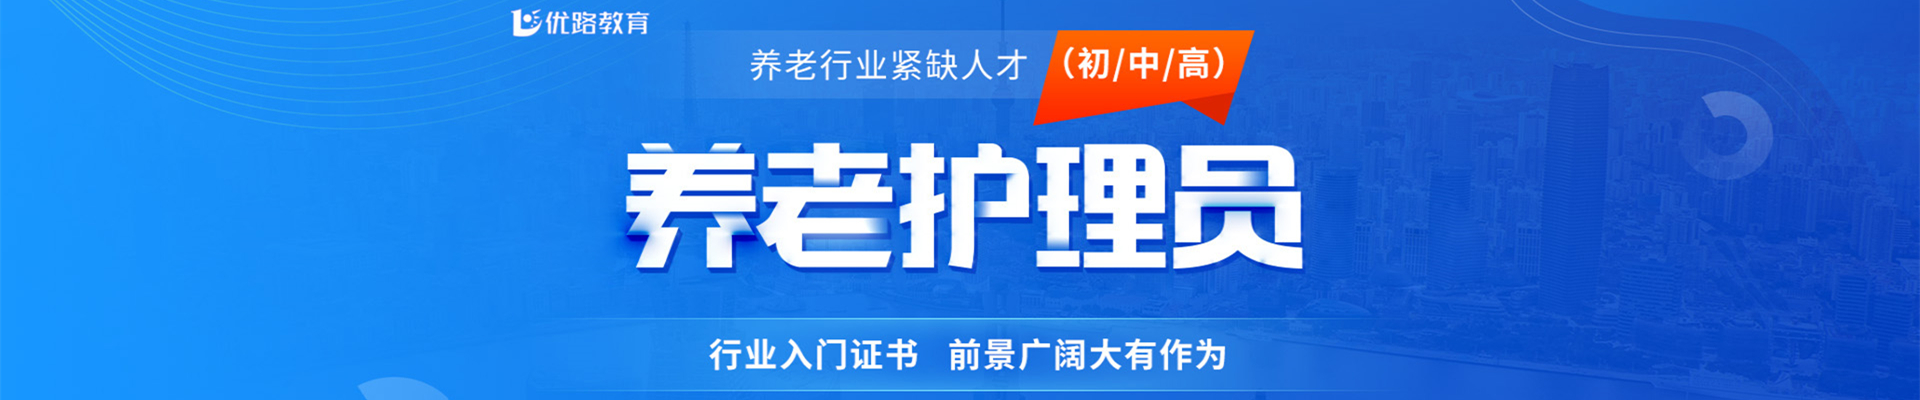 广东阳江优路教育培训学校